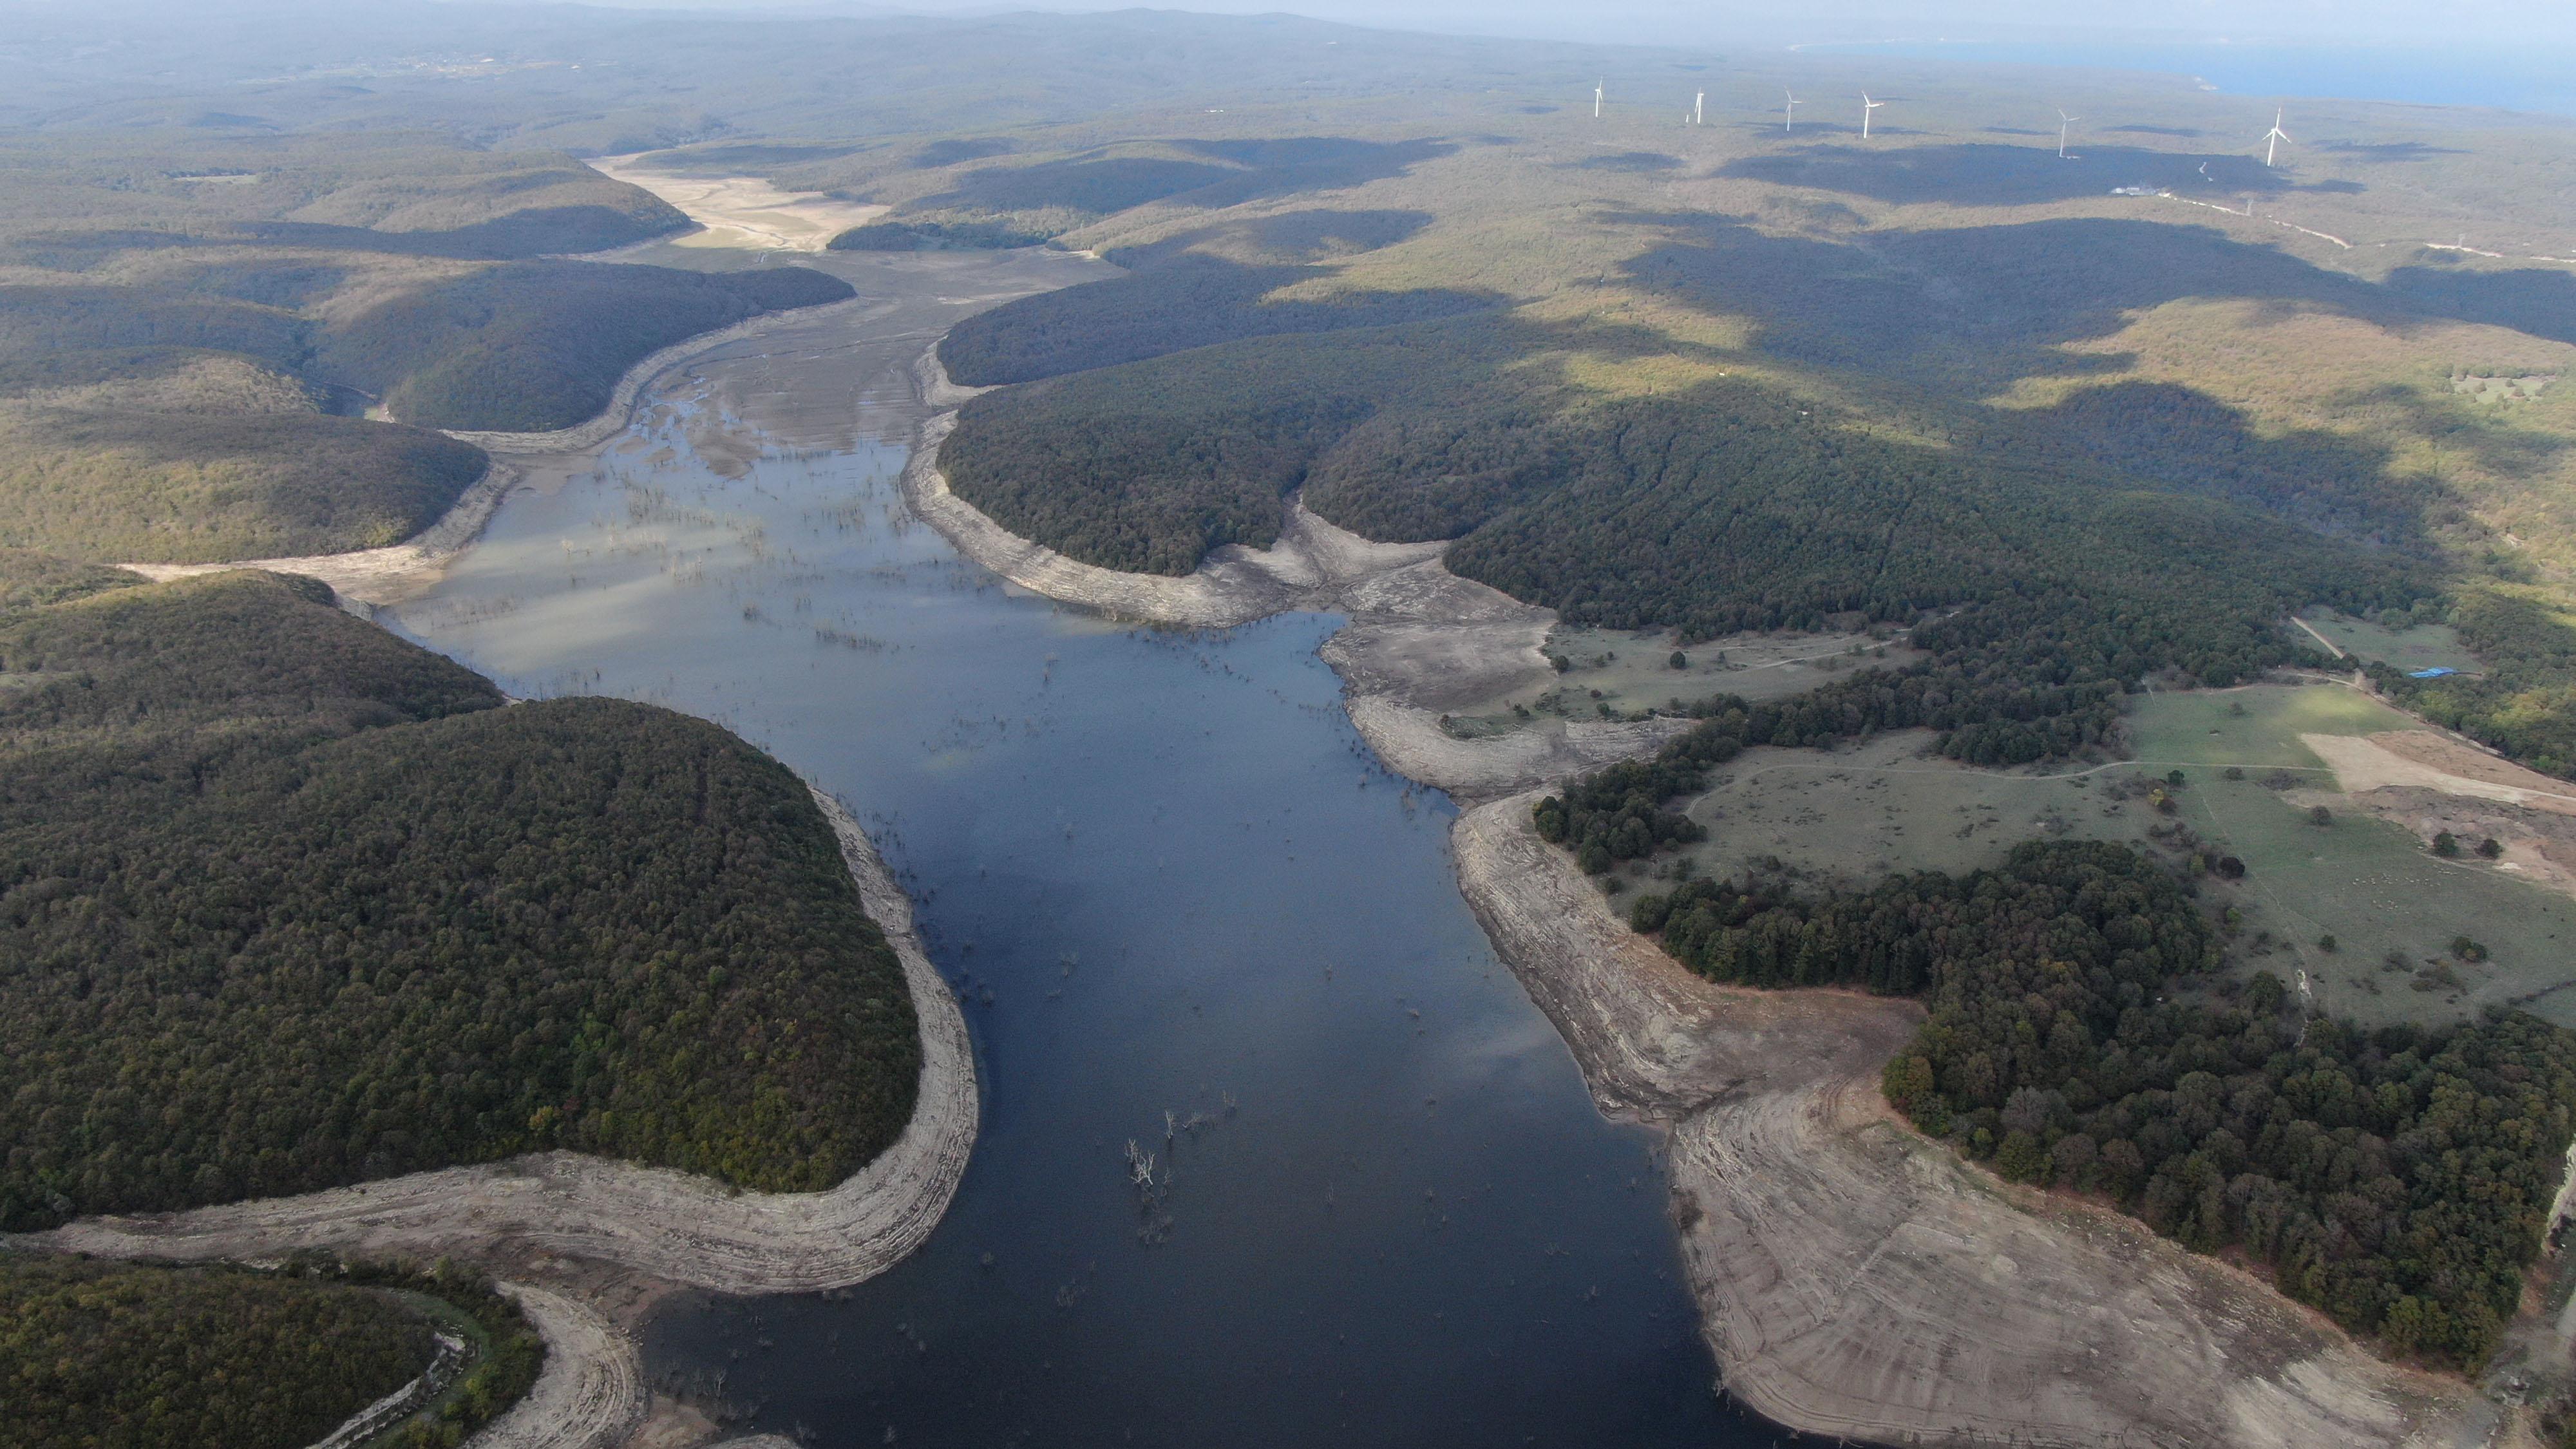 İstanbul'da korkutan görüntü! İki baraj kullanım dışı kaldı